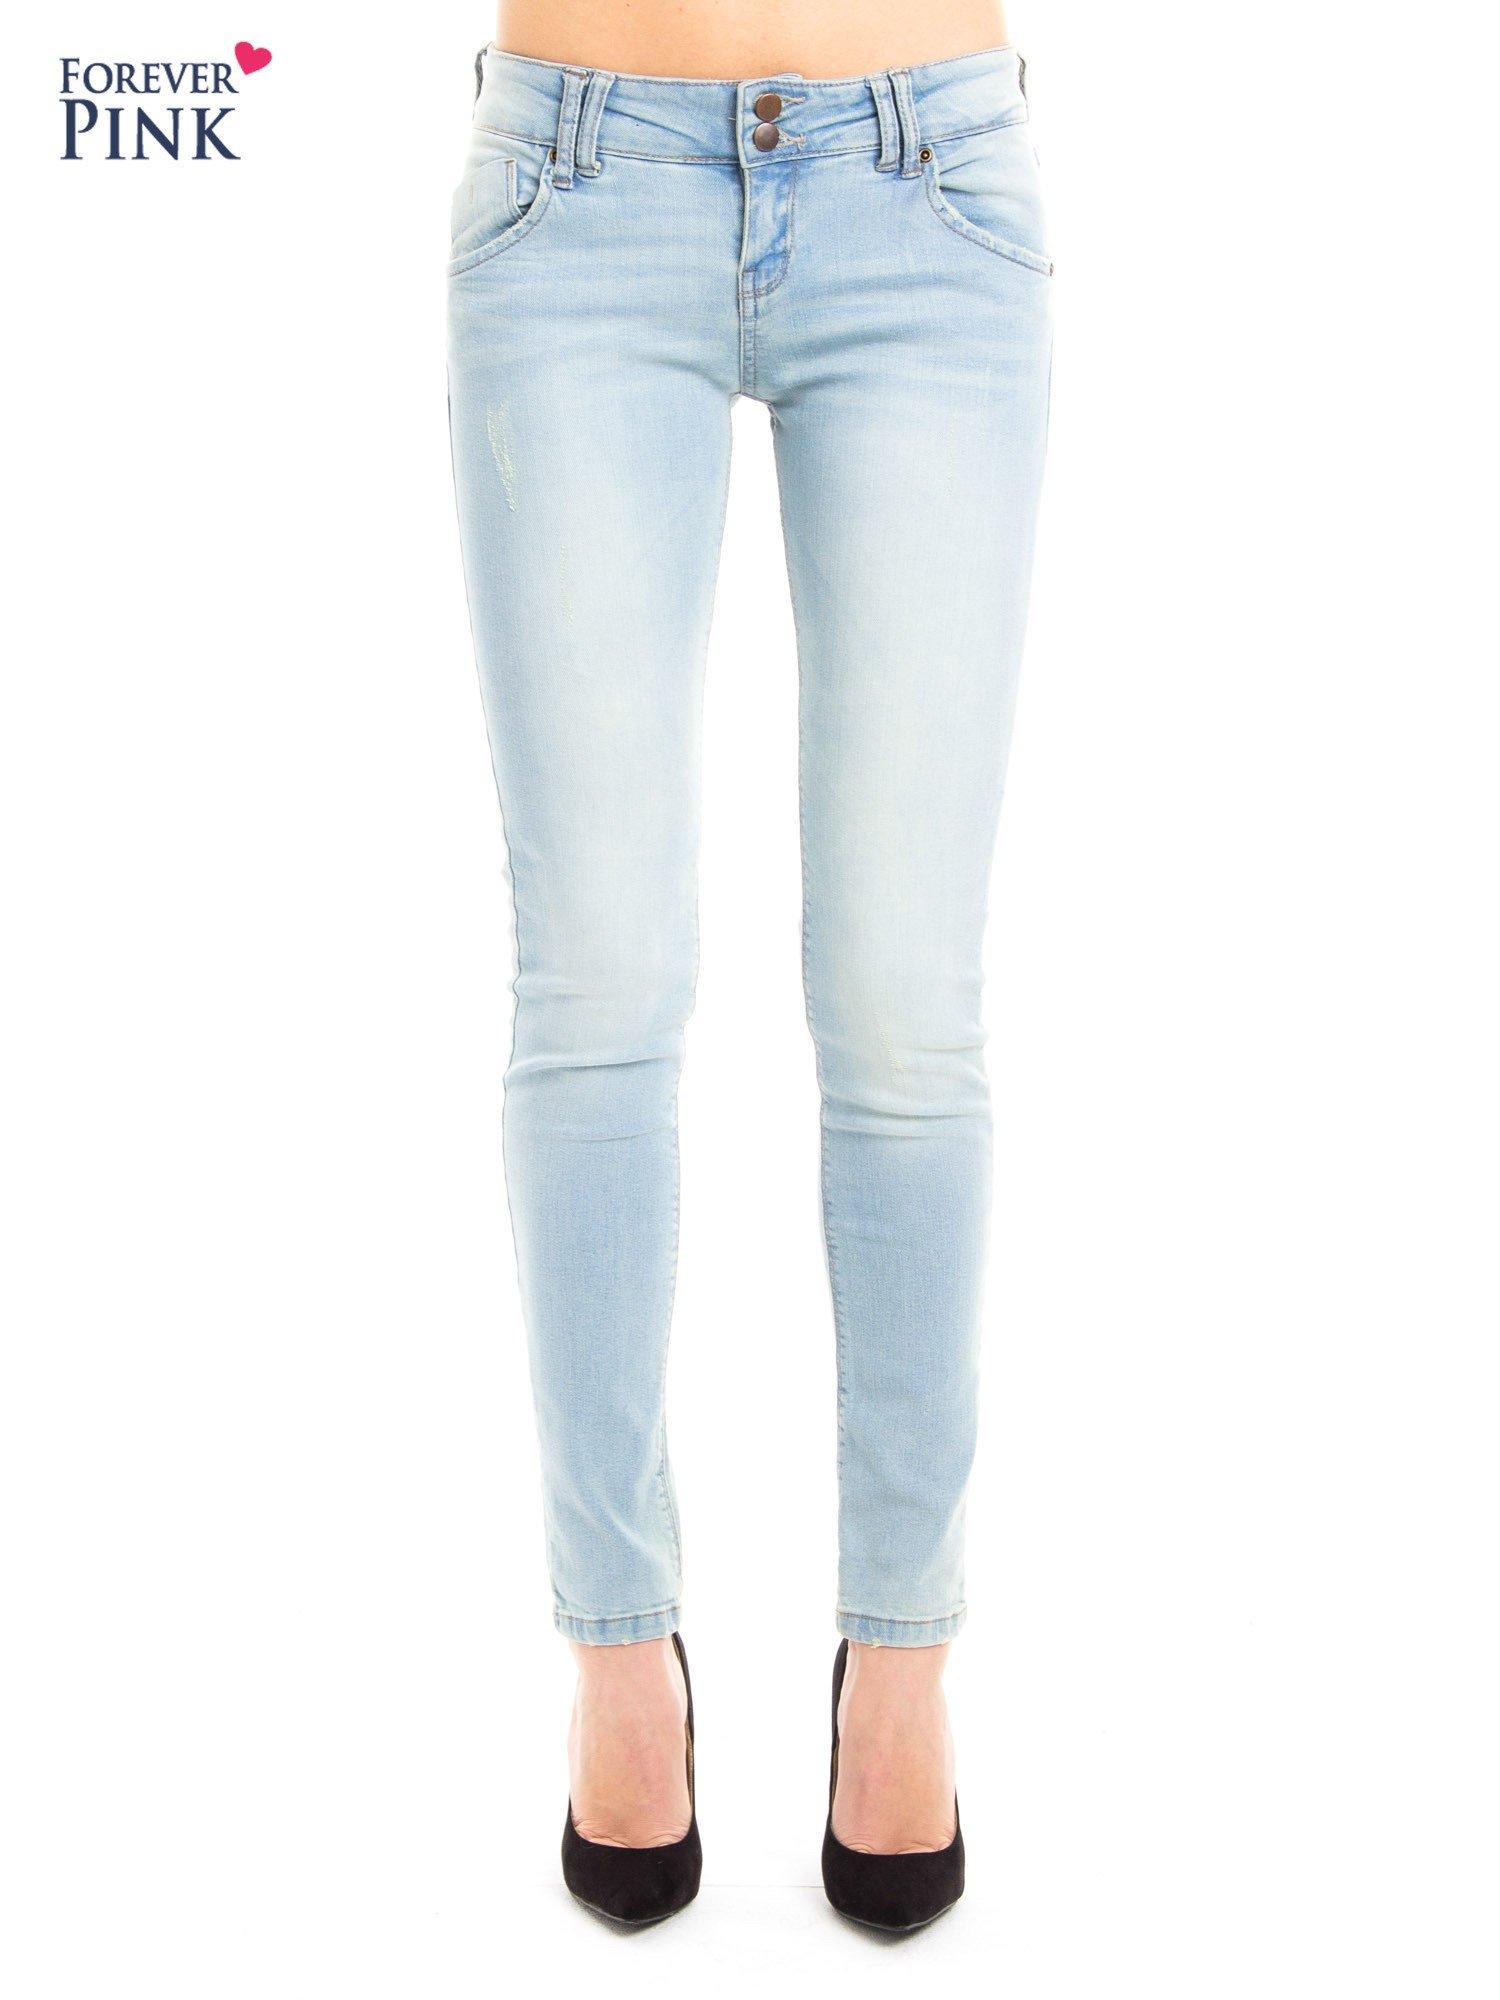 Błękitne jeansy biodrówki na dwa guziki                                  zdj.                                  1